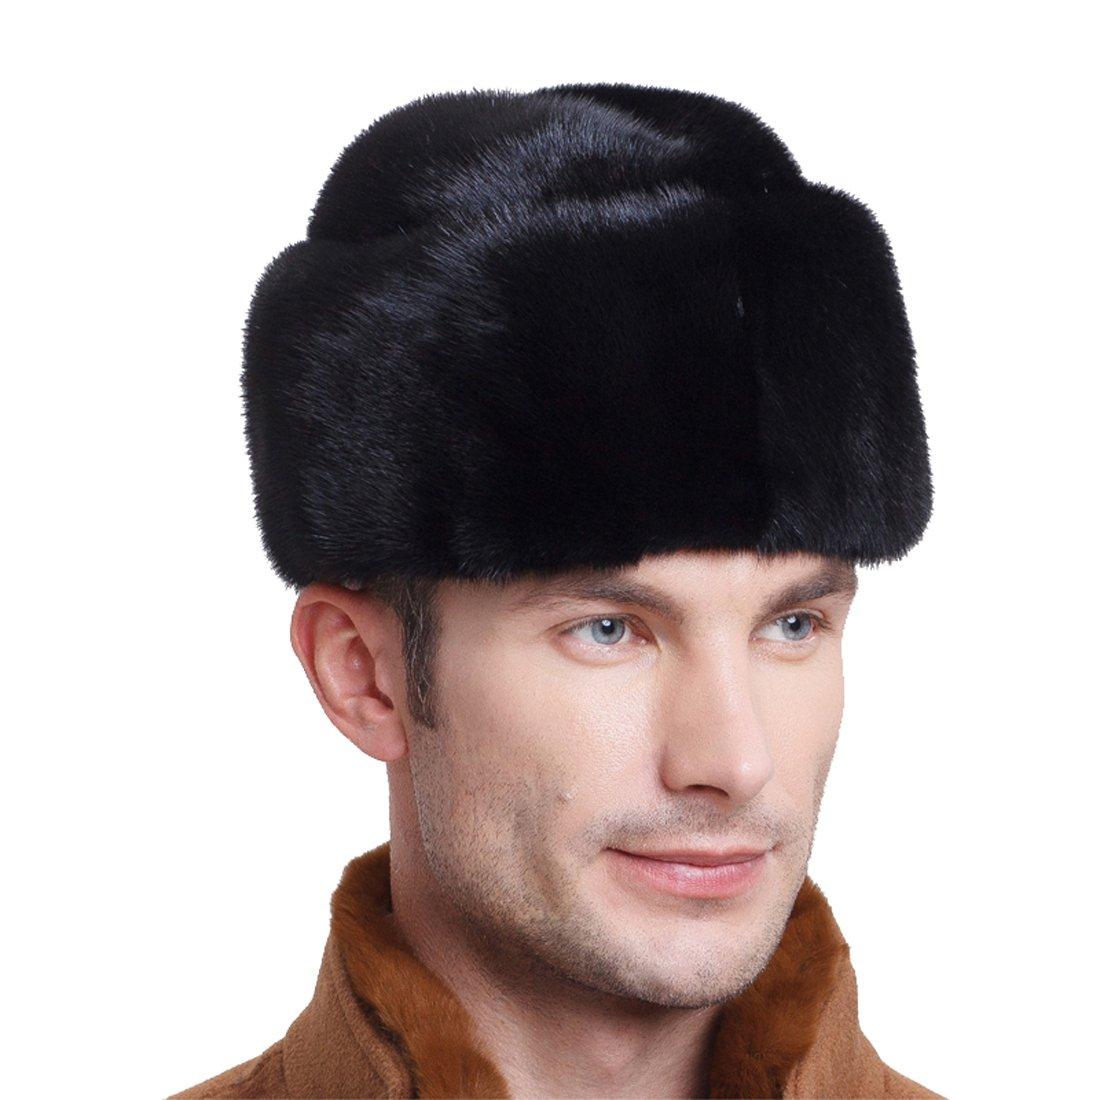 URSFUR Men's Mink Fur Fedora Hat (One Size, Black)